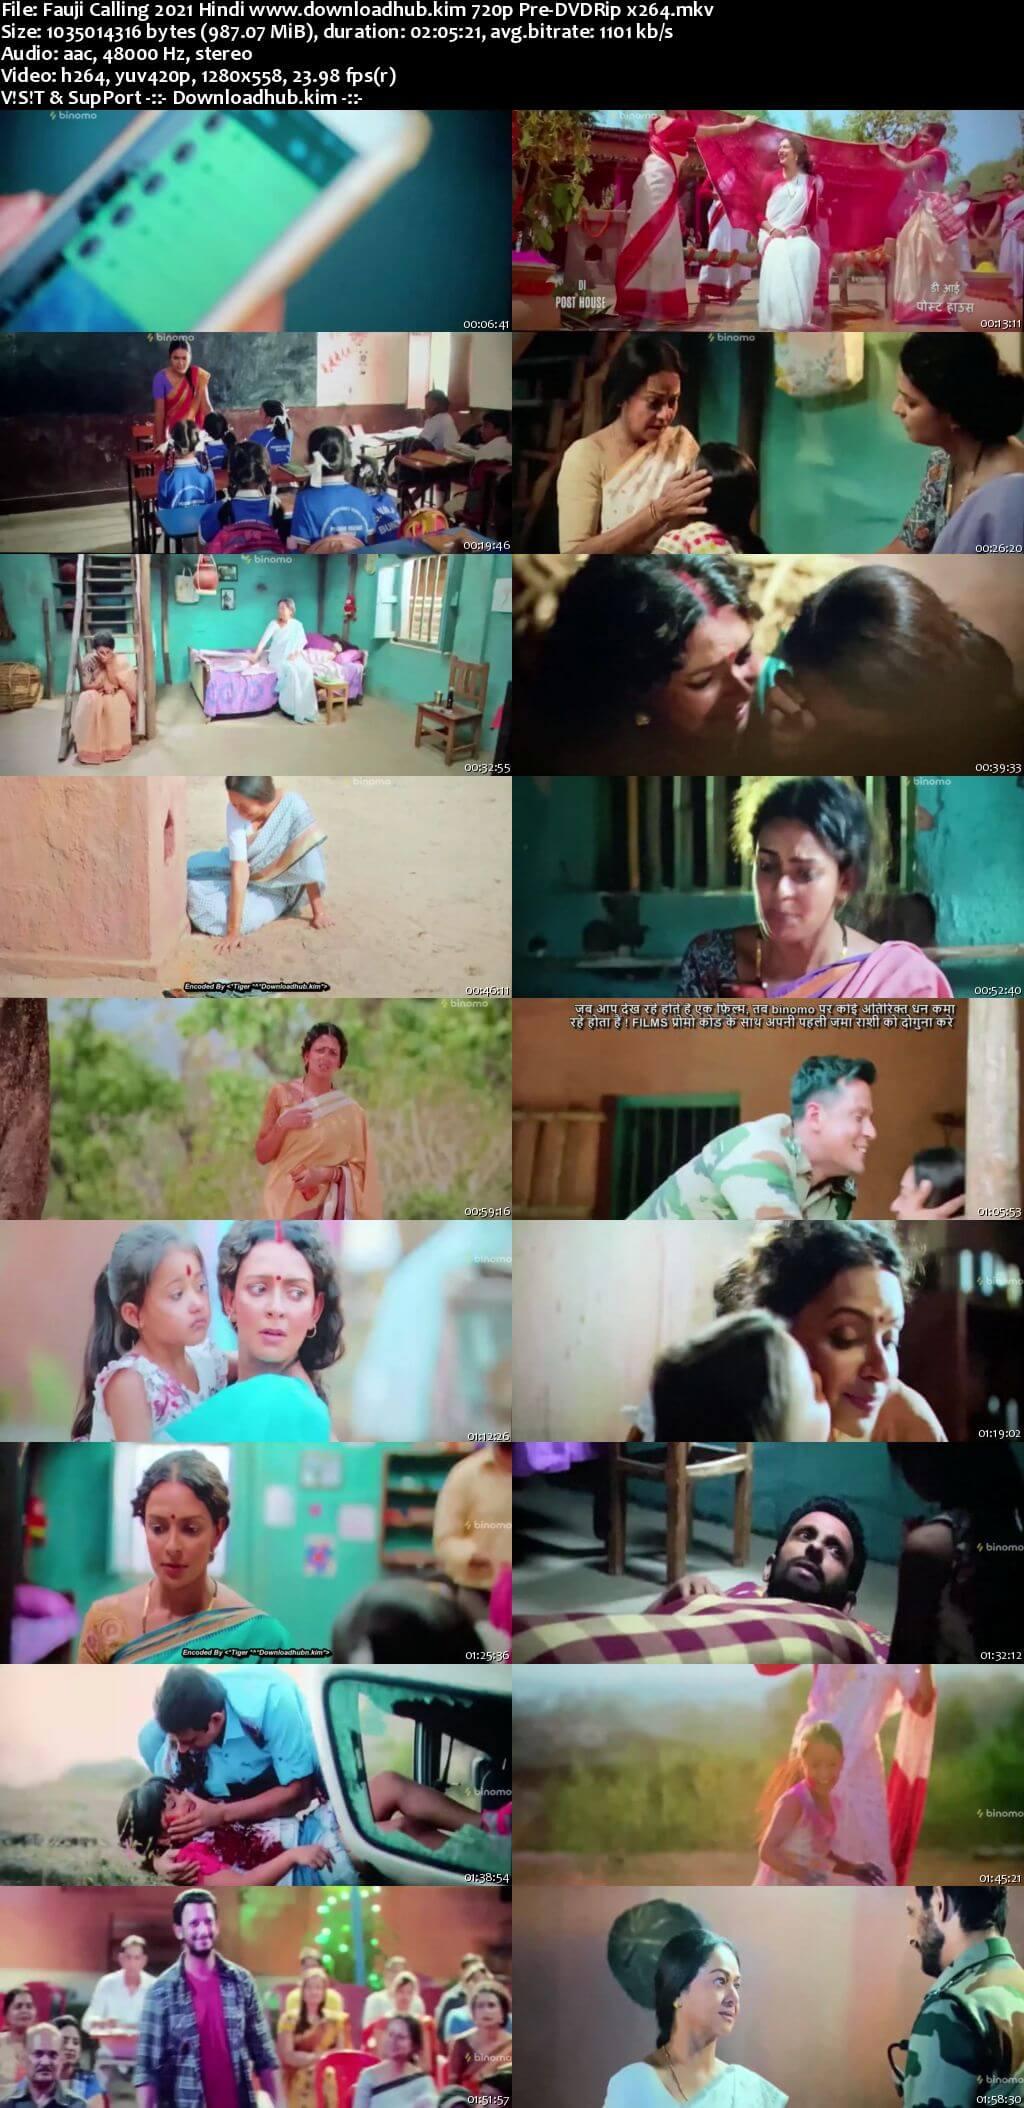 Fauji Calling 2021 Hindi 720p 480p Pre-DVDRip x264